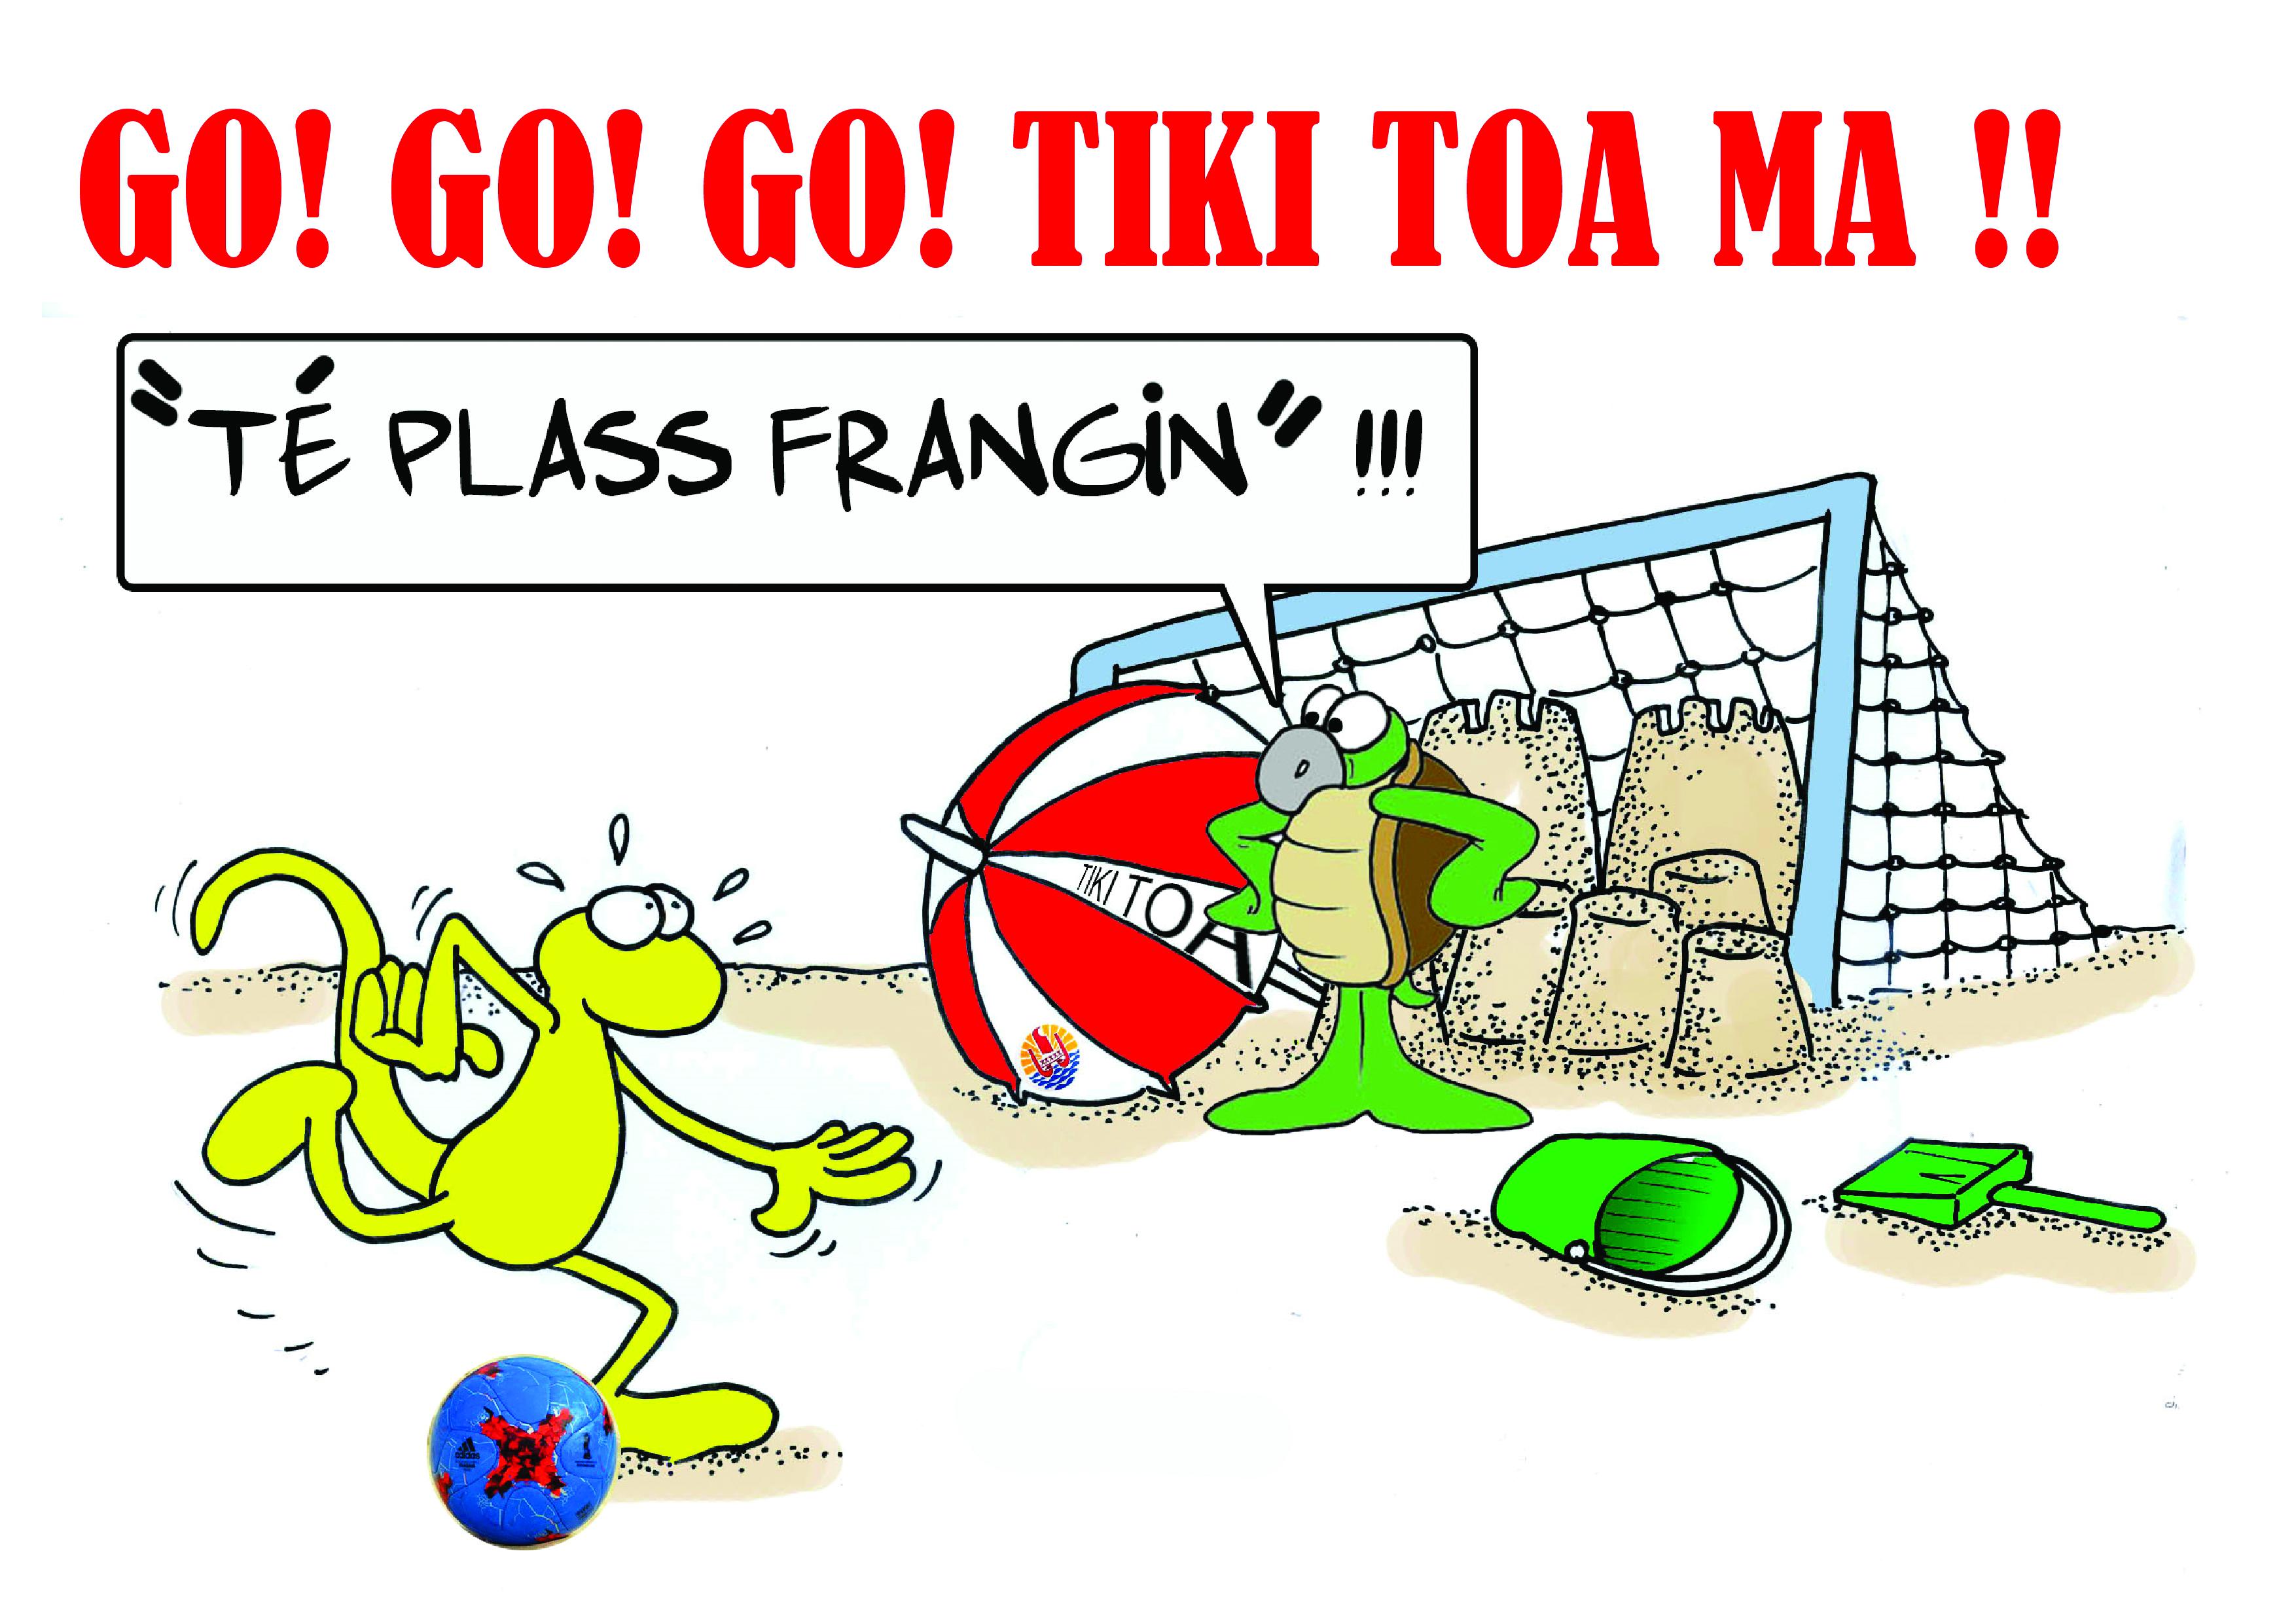 """"""" Les Tiki Toa à l'Intercontinental Cup ! """" par Munoz"""